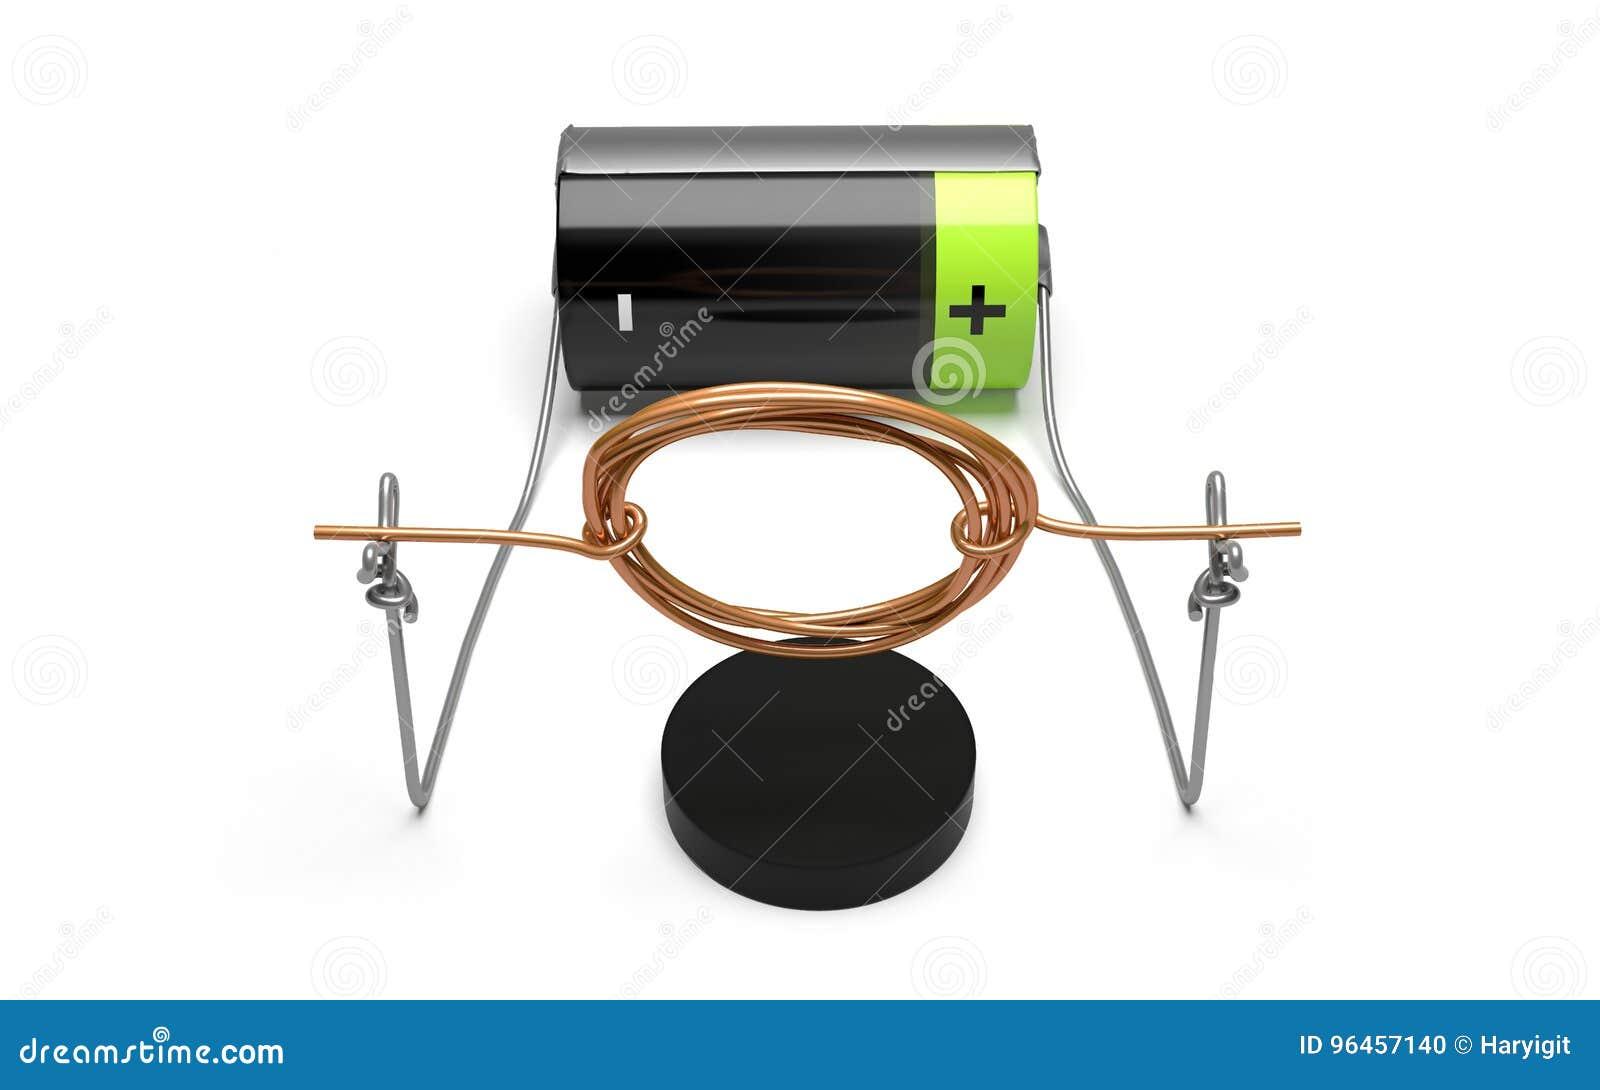 Circuito Electrico Simple Con Interruptor : Experimento simple del motor eléctrico con vista delantera de la